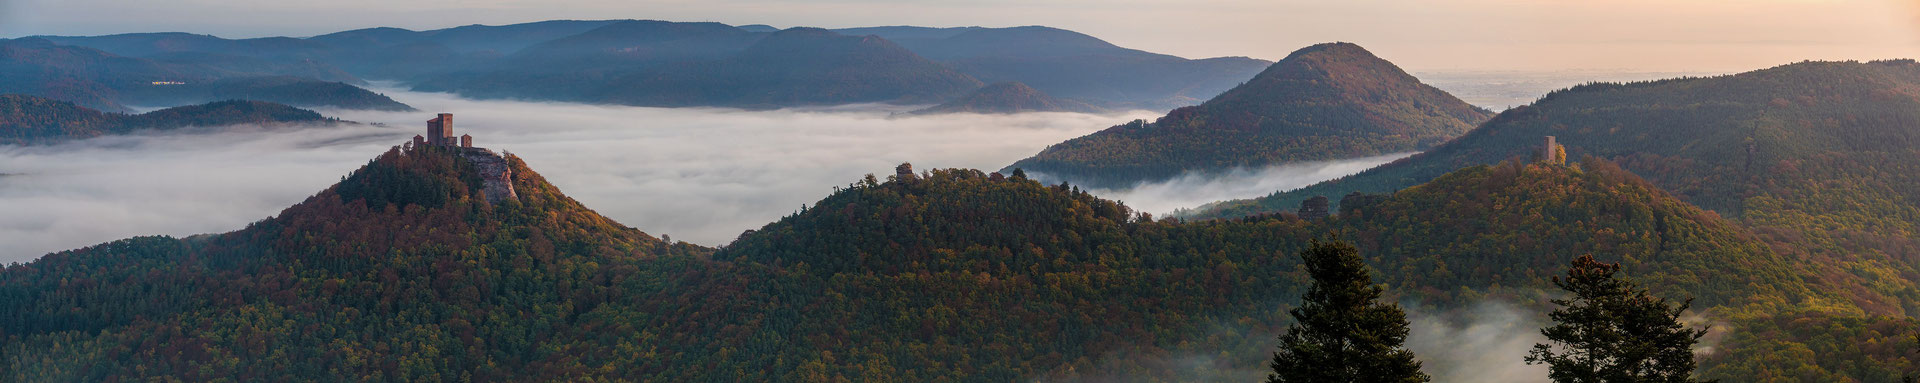 Trifels, Anebos und Münz an einem Herbstmorgen